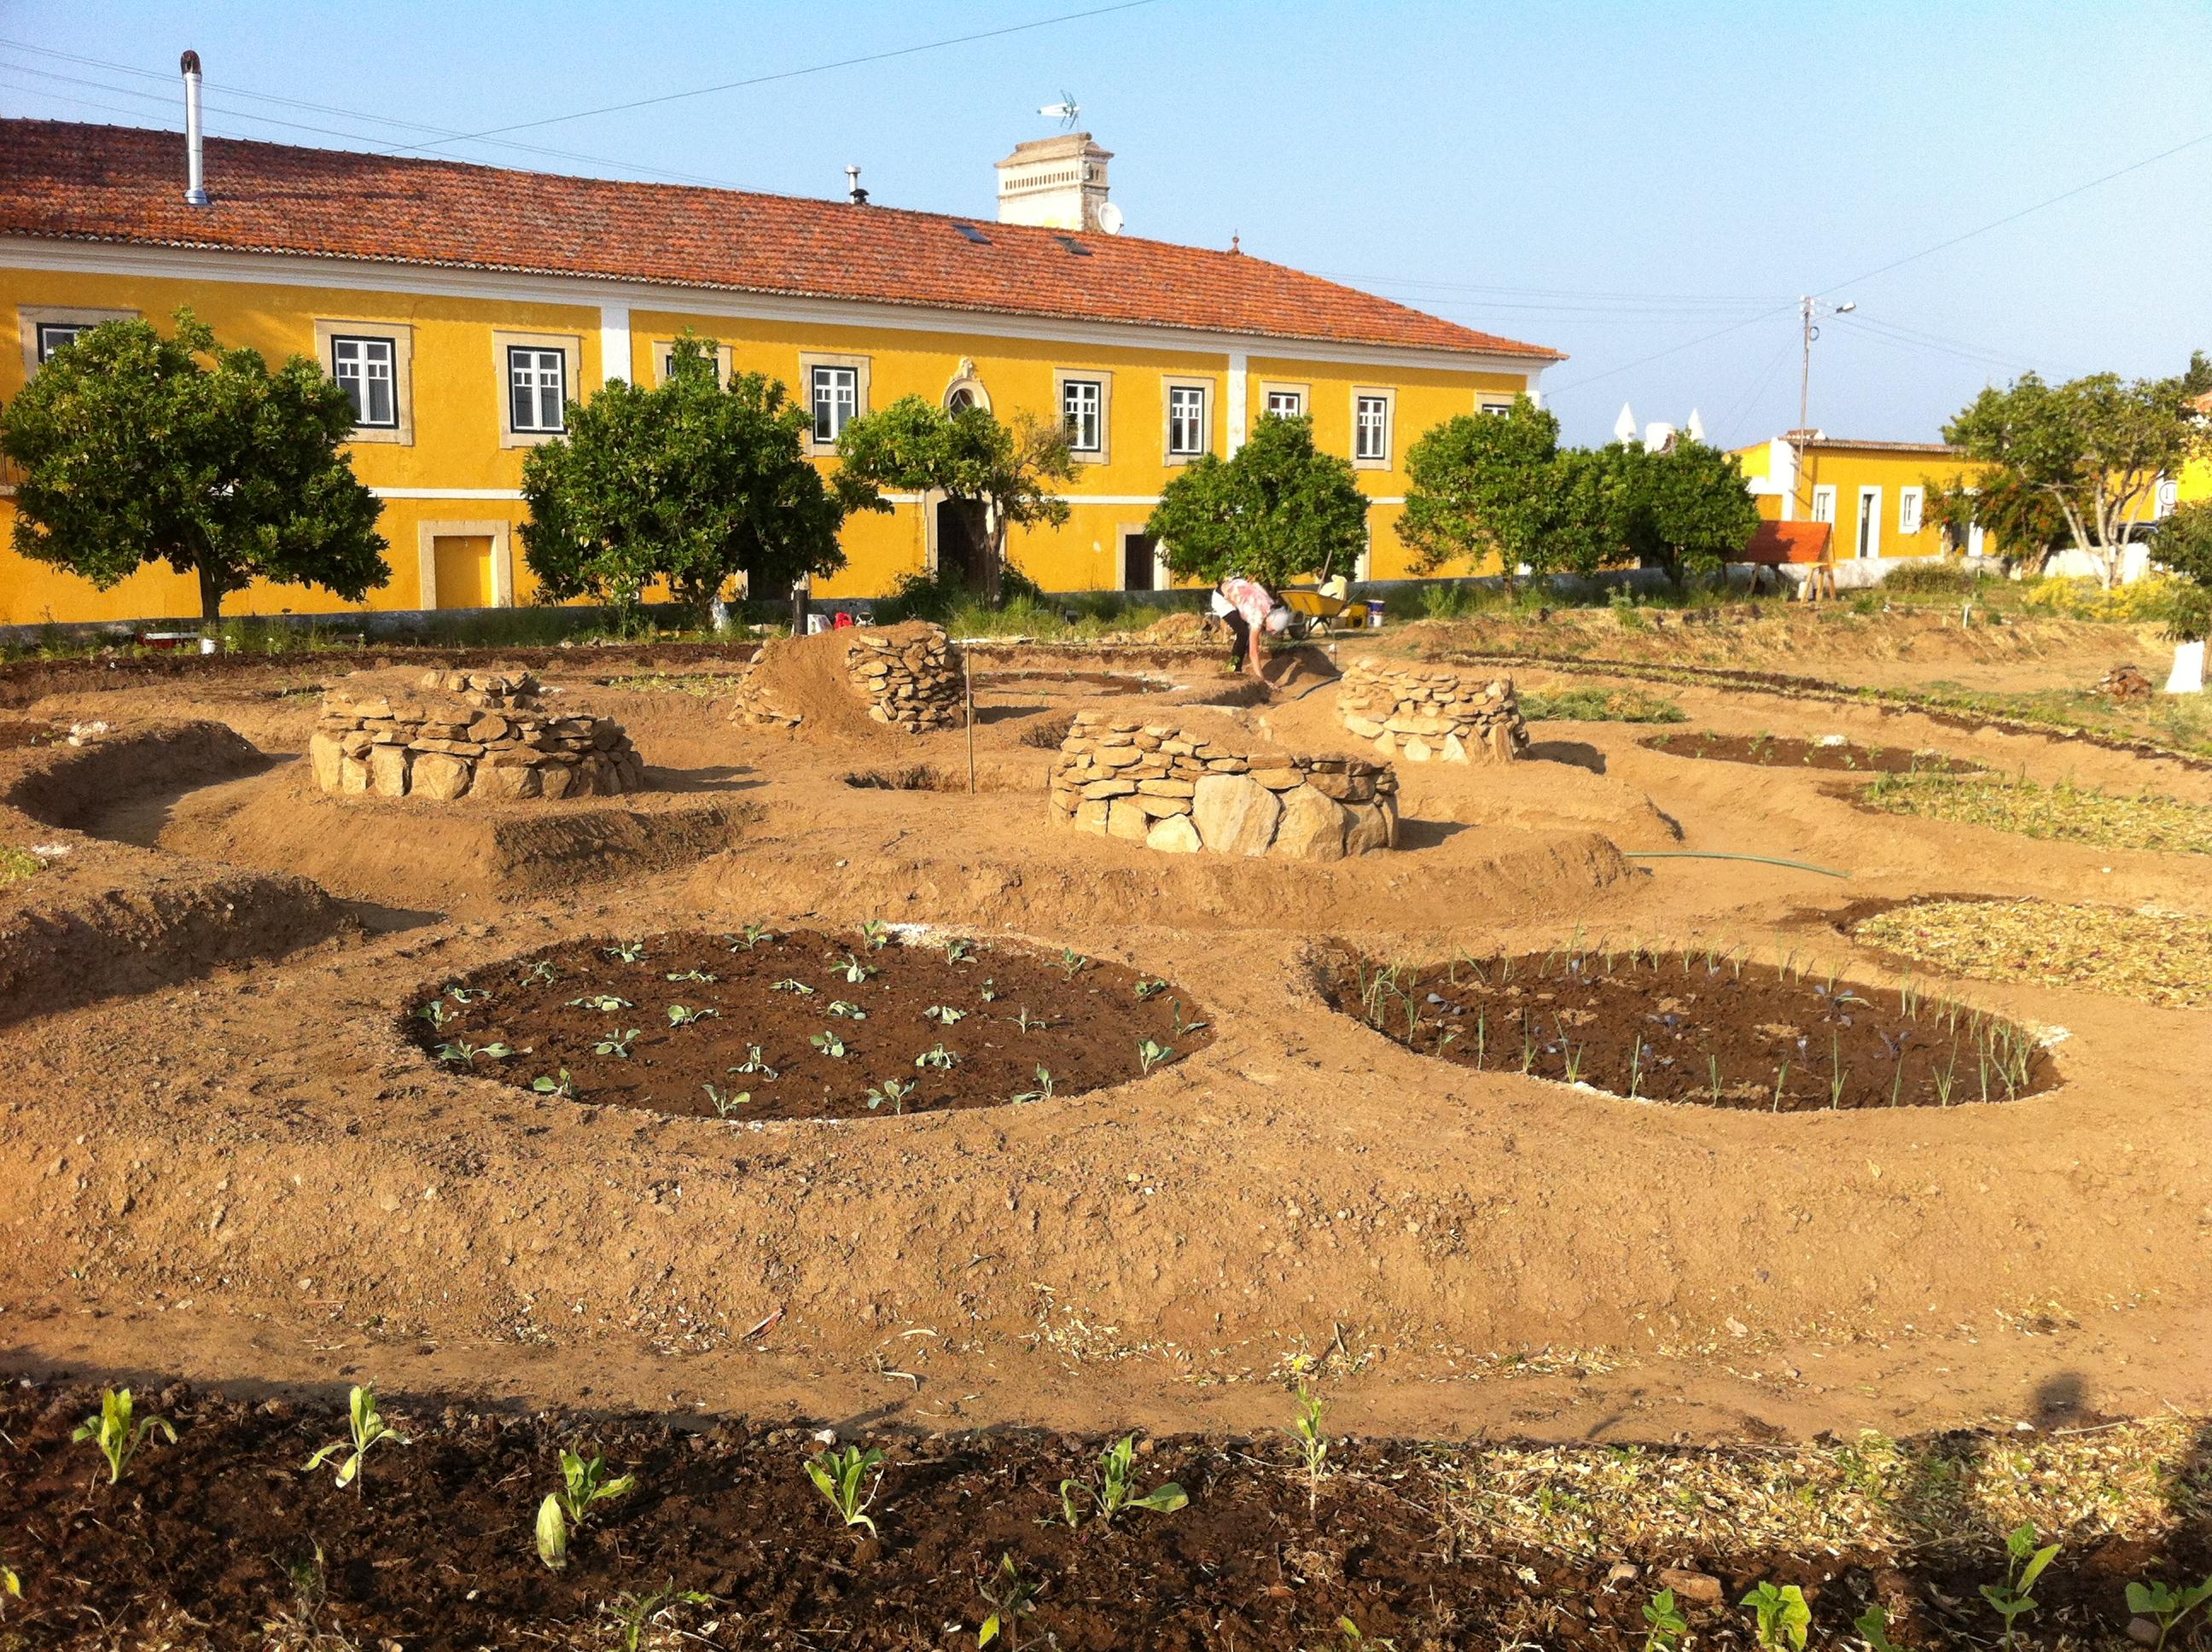 horta biológica quinta s.josé dos montes